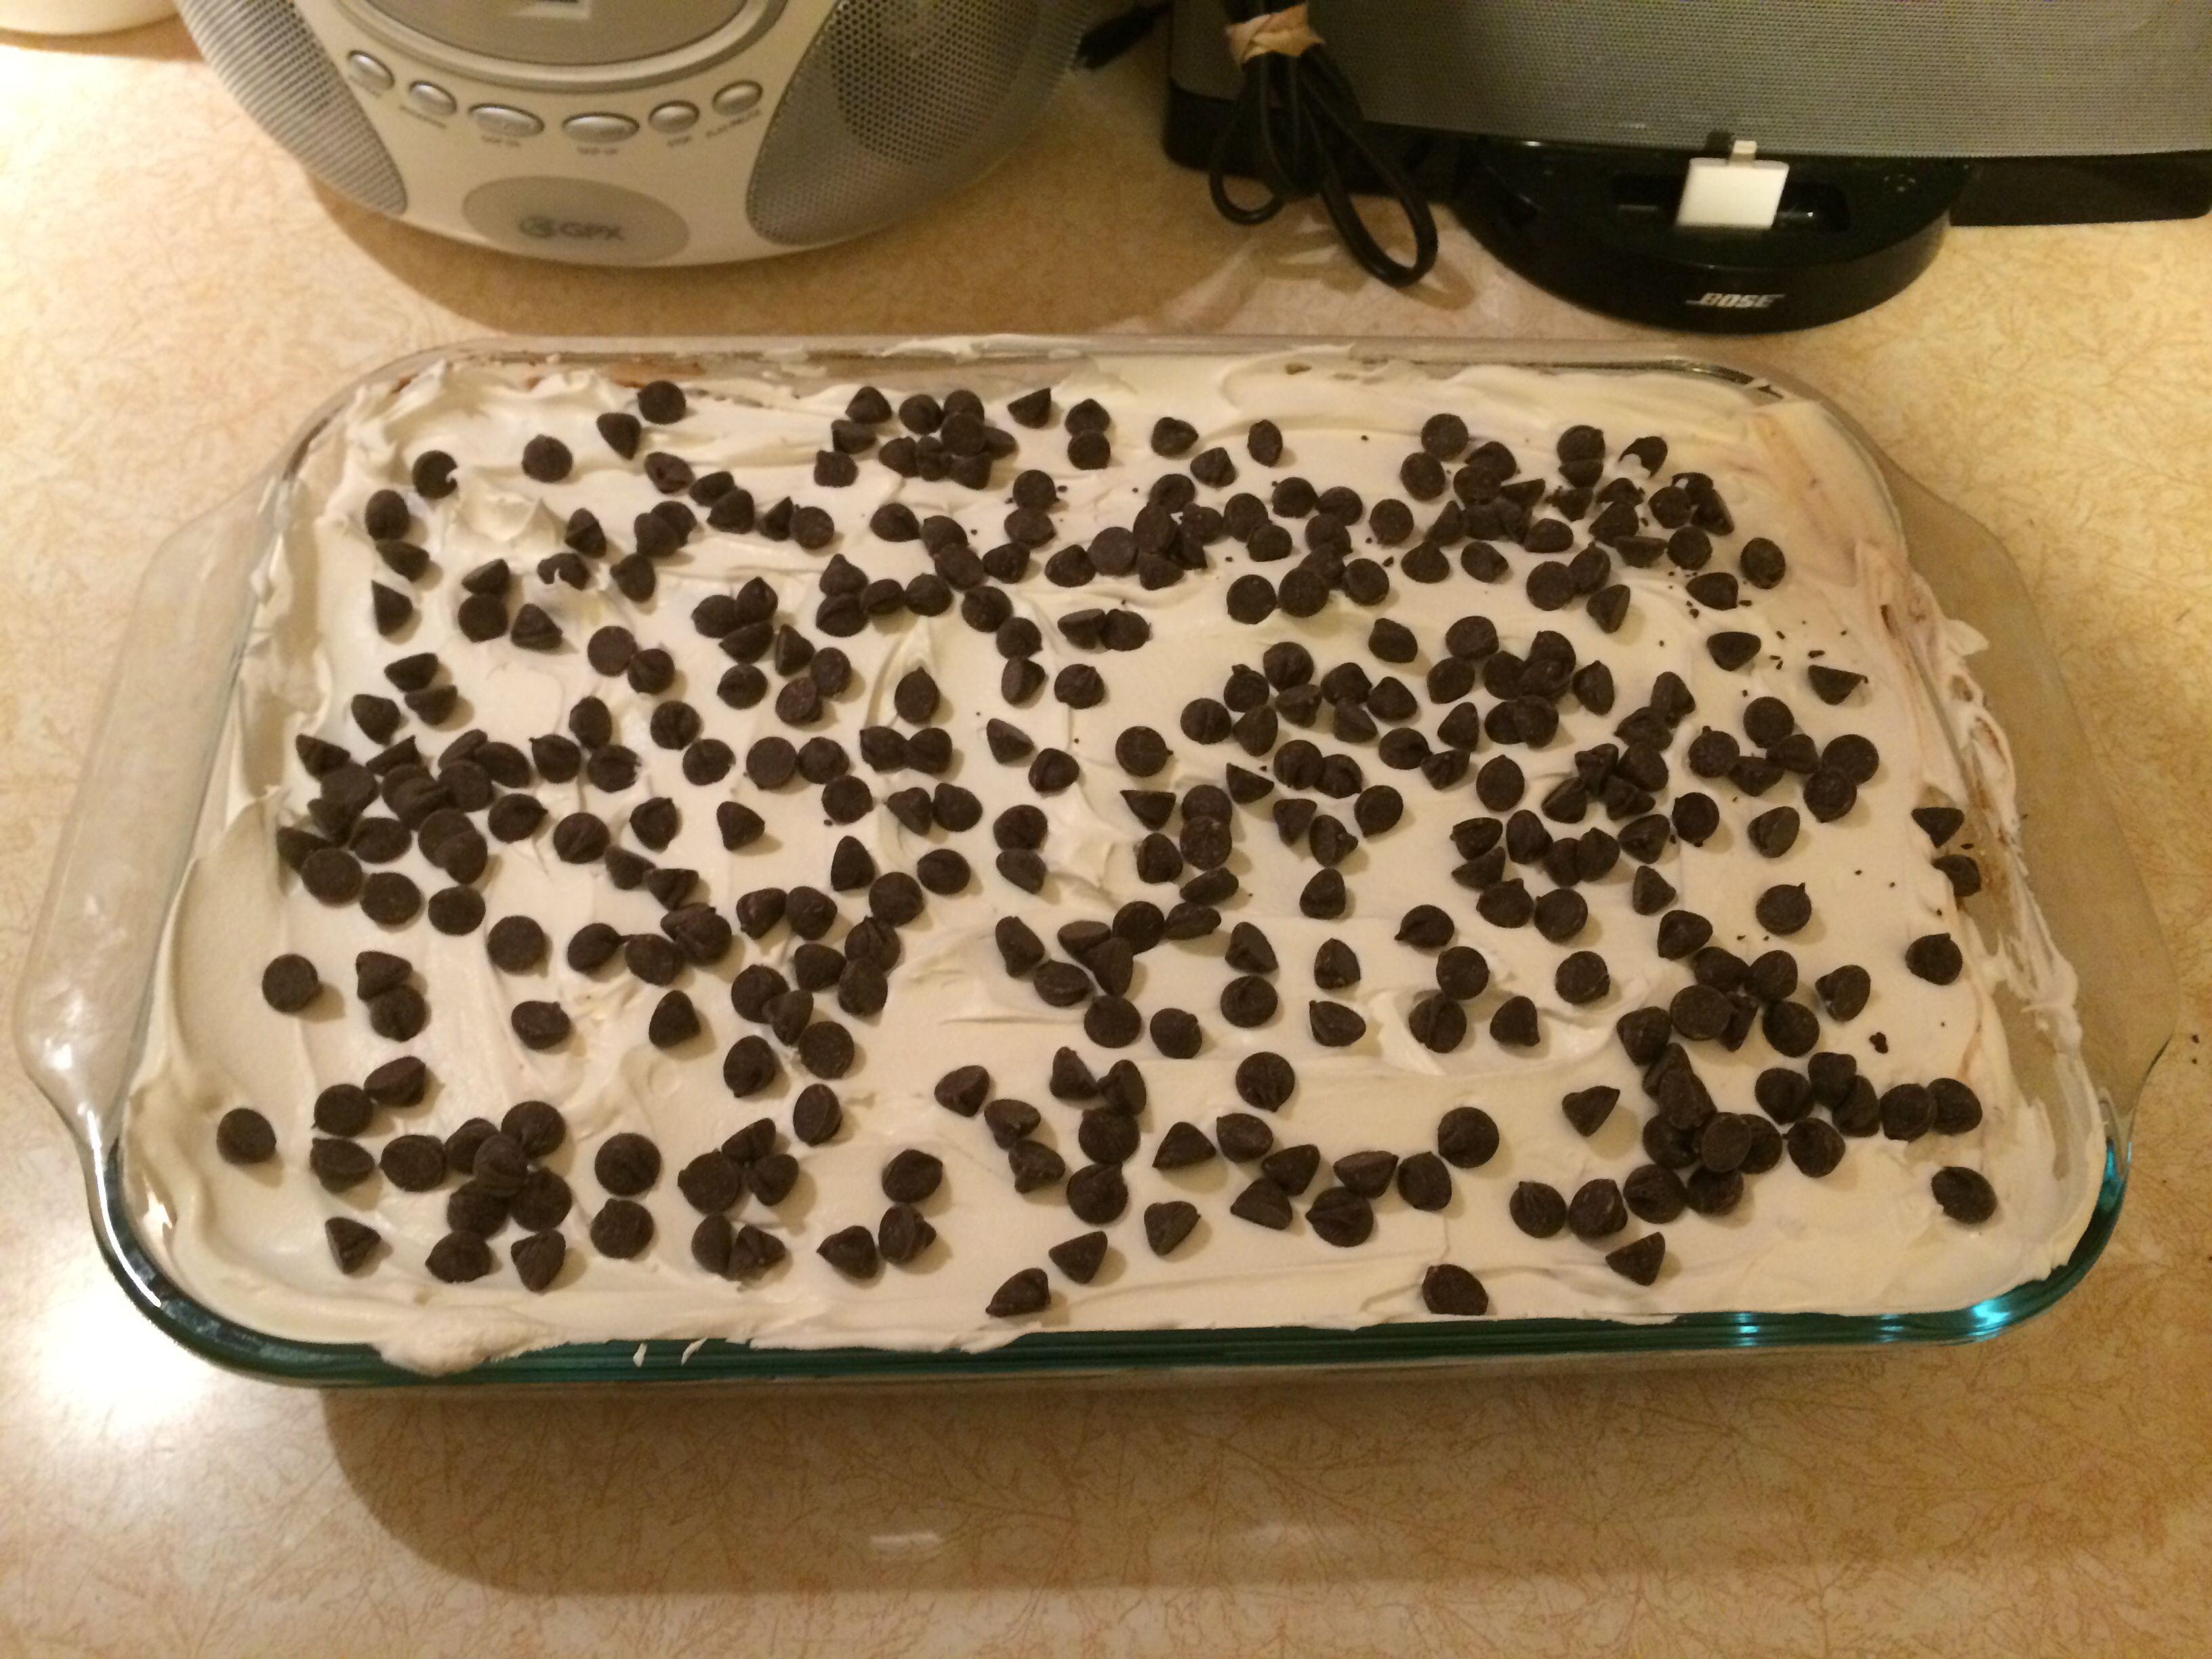 Chocolate Lasagna | Recipies | Pinterest | Chocolate lasagna ...